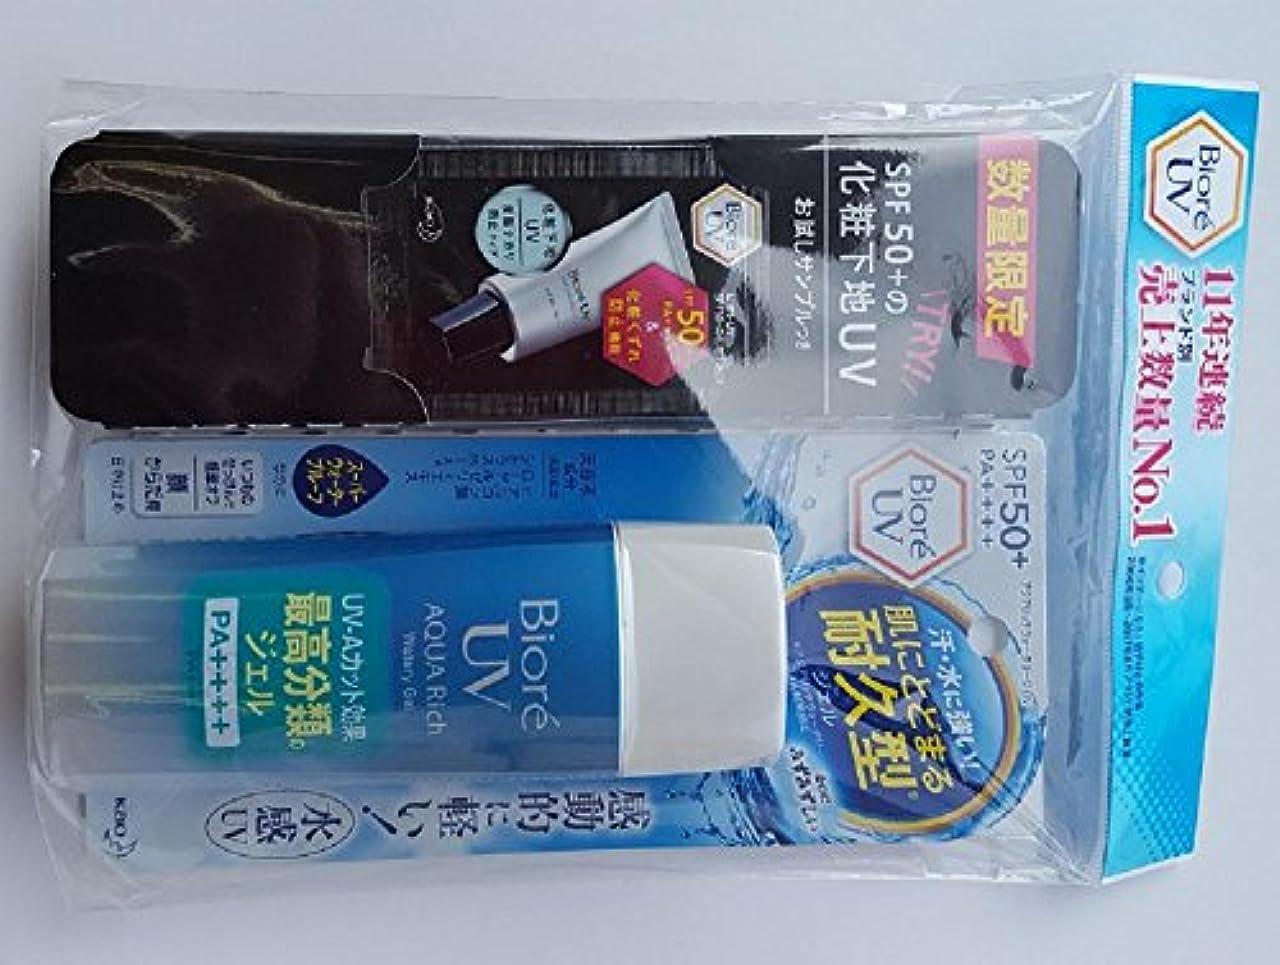 ダイヤモンドウェイドホイストビオレ UV アクアリッチ ウォータリージェル SPF50+/PA++++ 90ml+ビオレ UV 化粧下地UV 皮脂テカリ防止(試供品)1回分付き